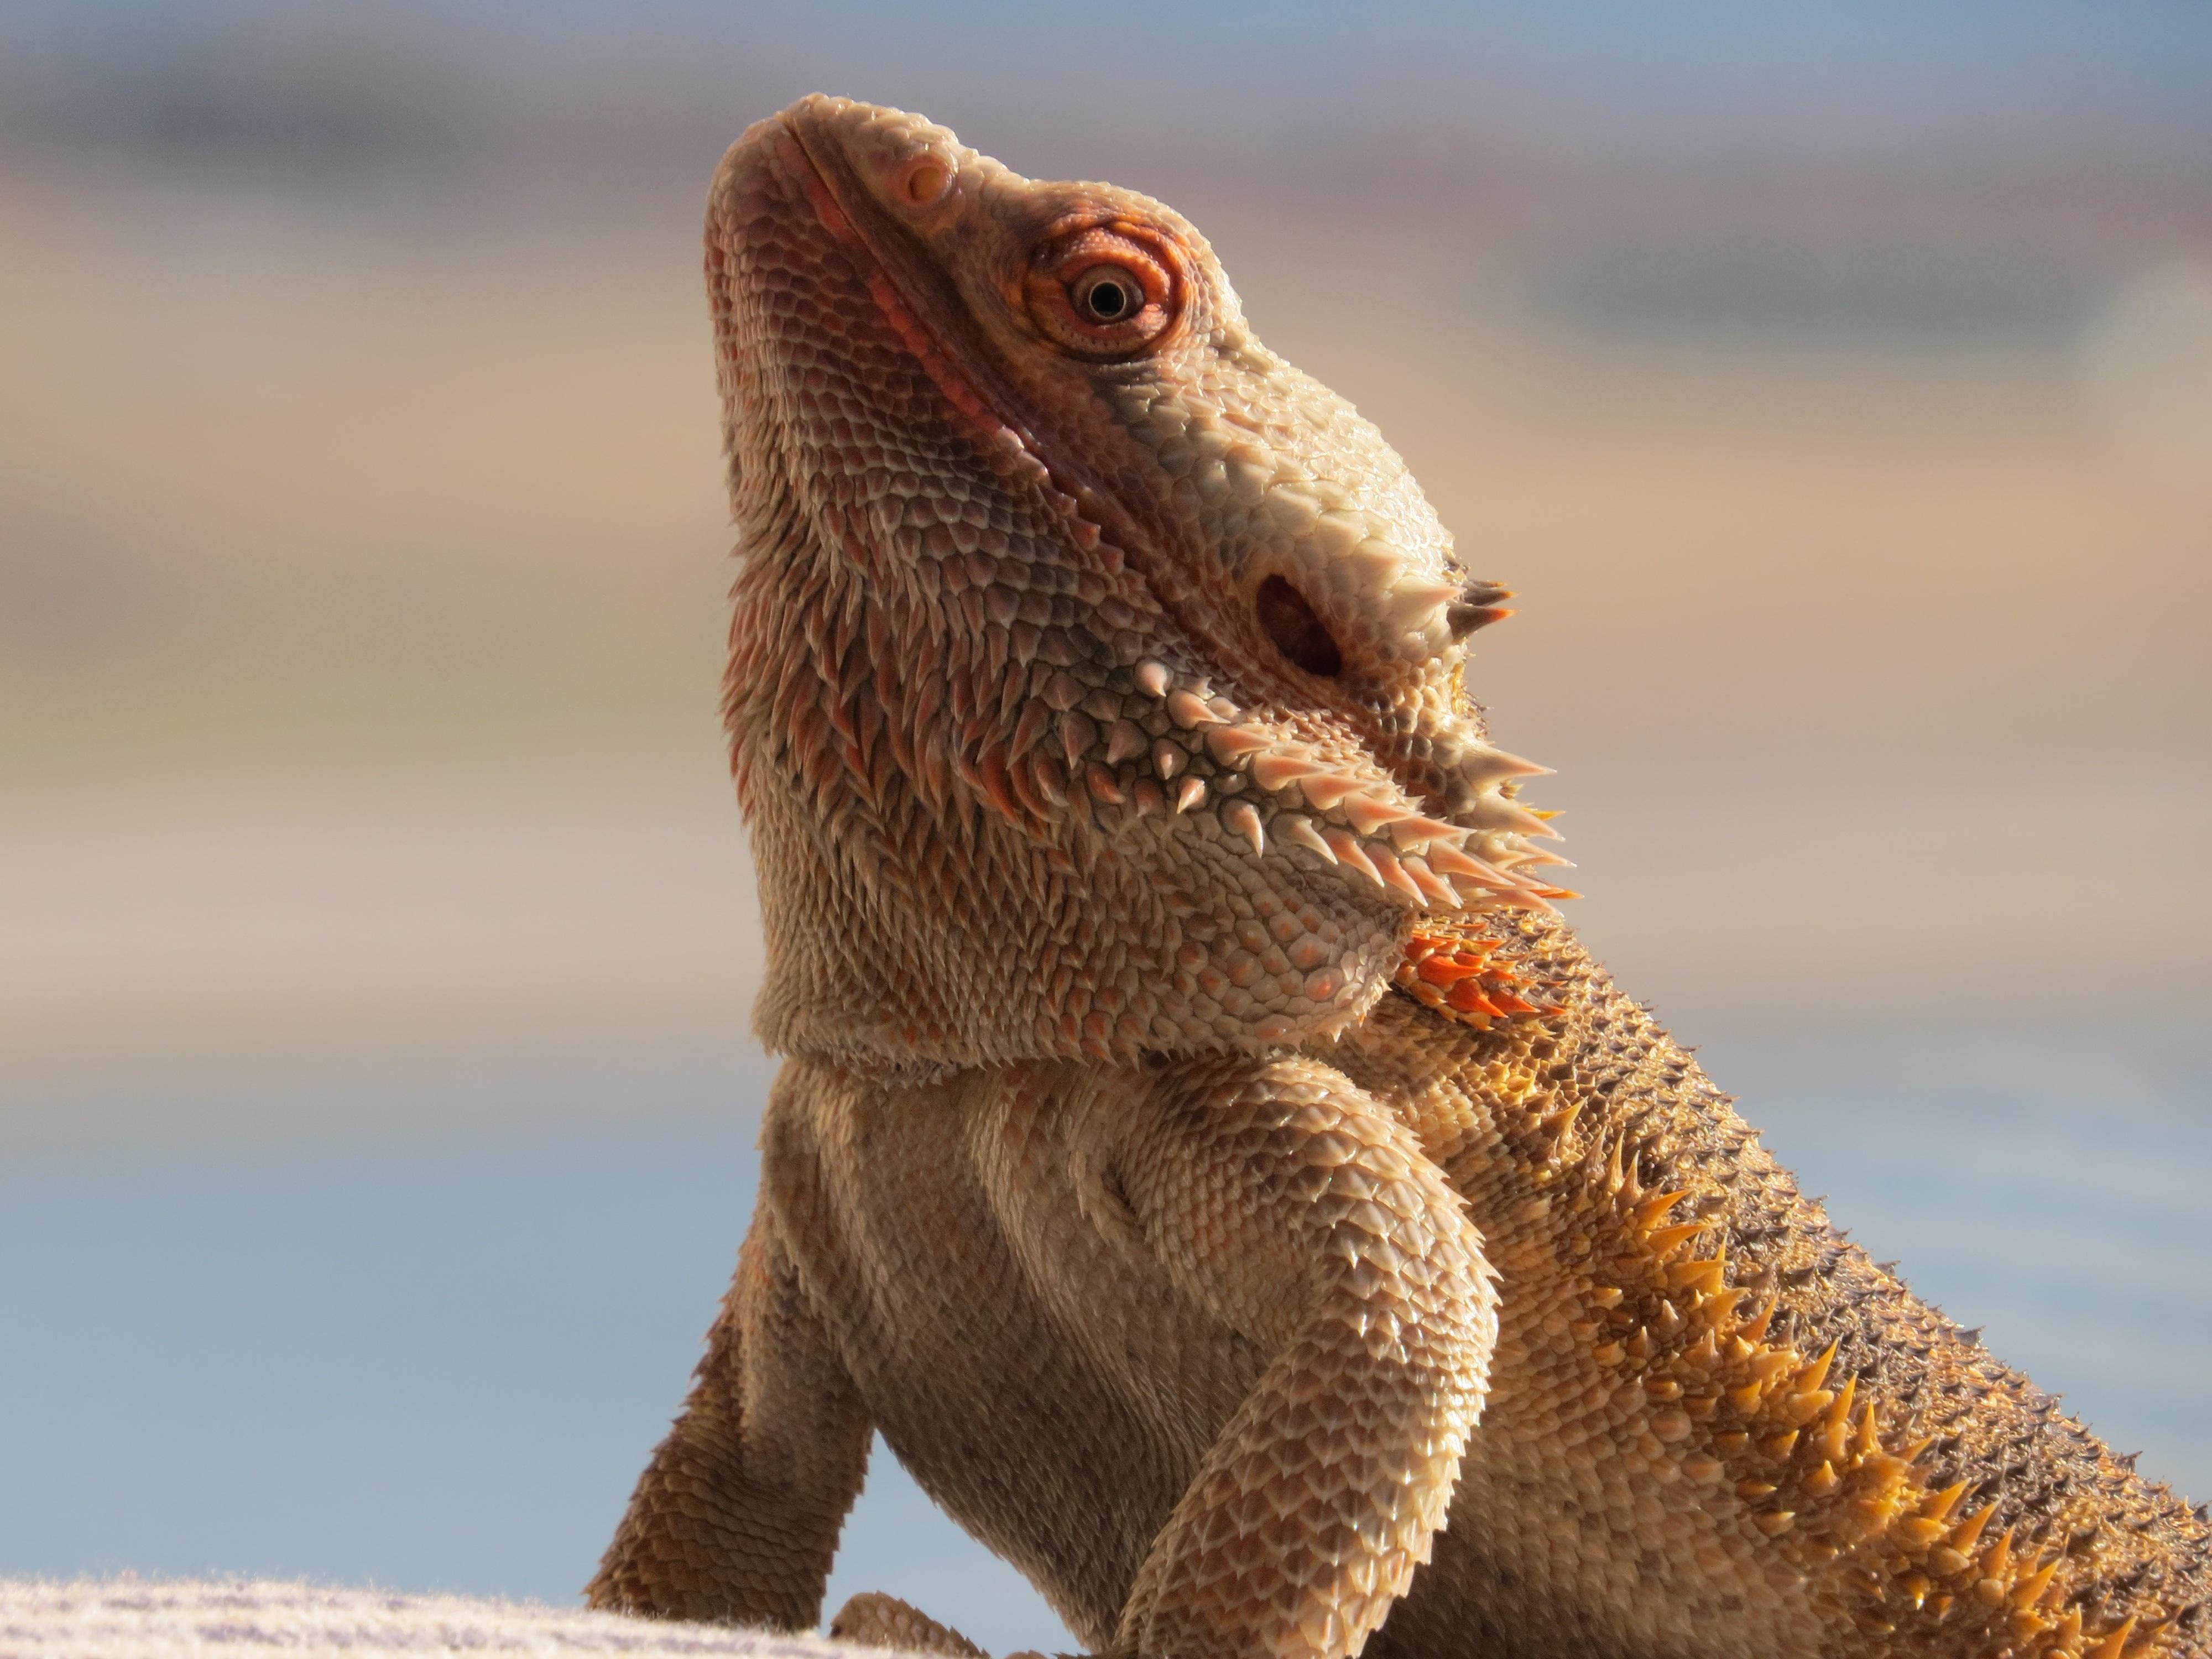 144320 Hintergrundbild herunterladen Tiere, Eidechse, Reptil, Reptile, Bärtiger Drache, Bart-Agam - Bildschirmschoner und Bilder kostenlos